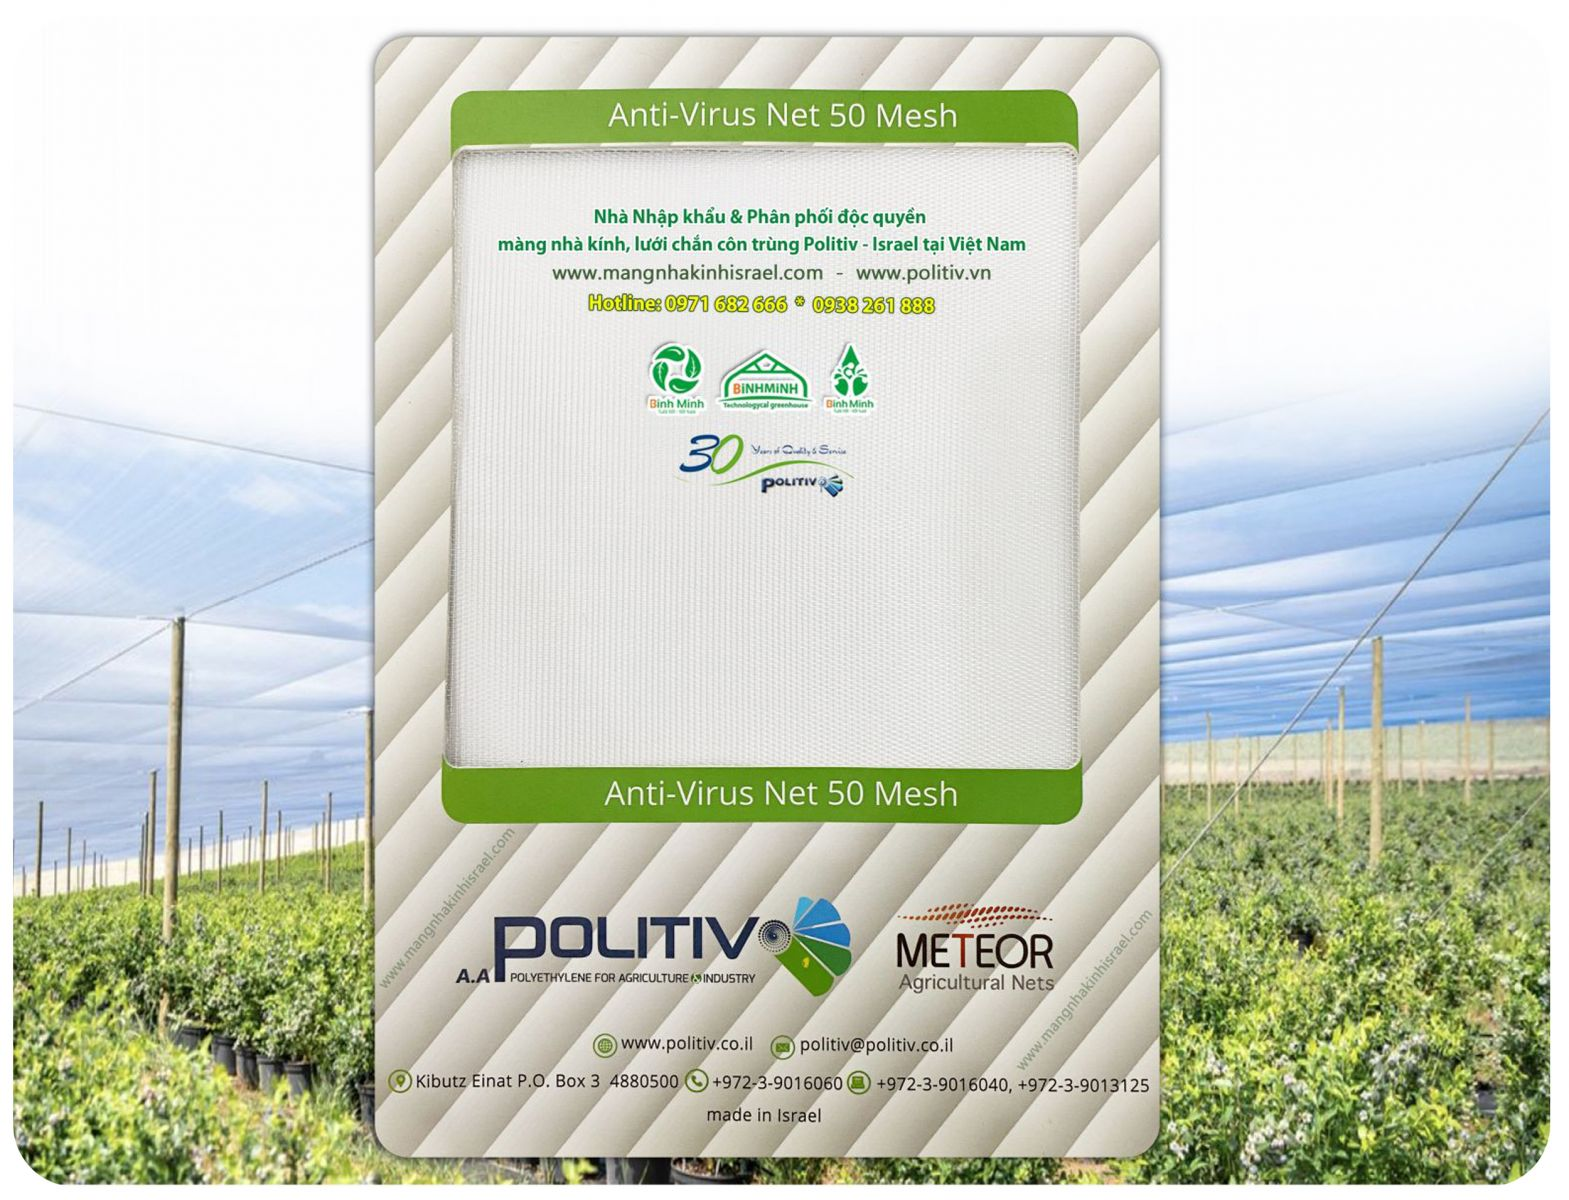 Lưới chắn côn trùng Politiv Israel 2,15m x 50m (Anti - Virus Net)